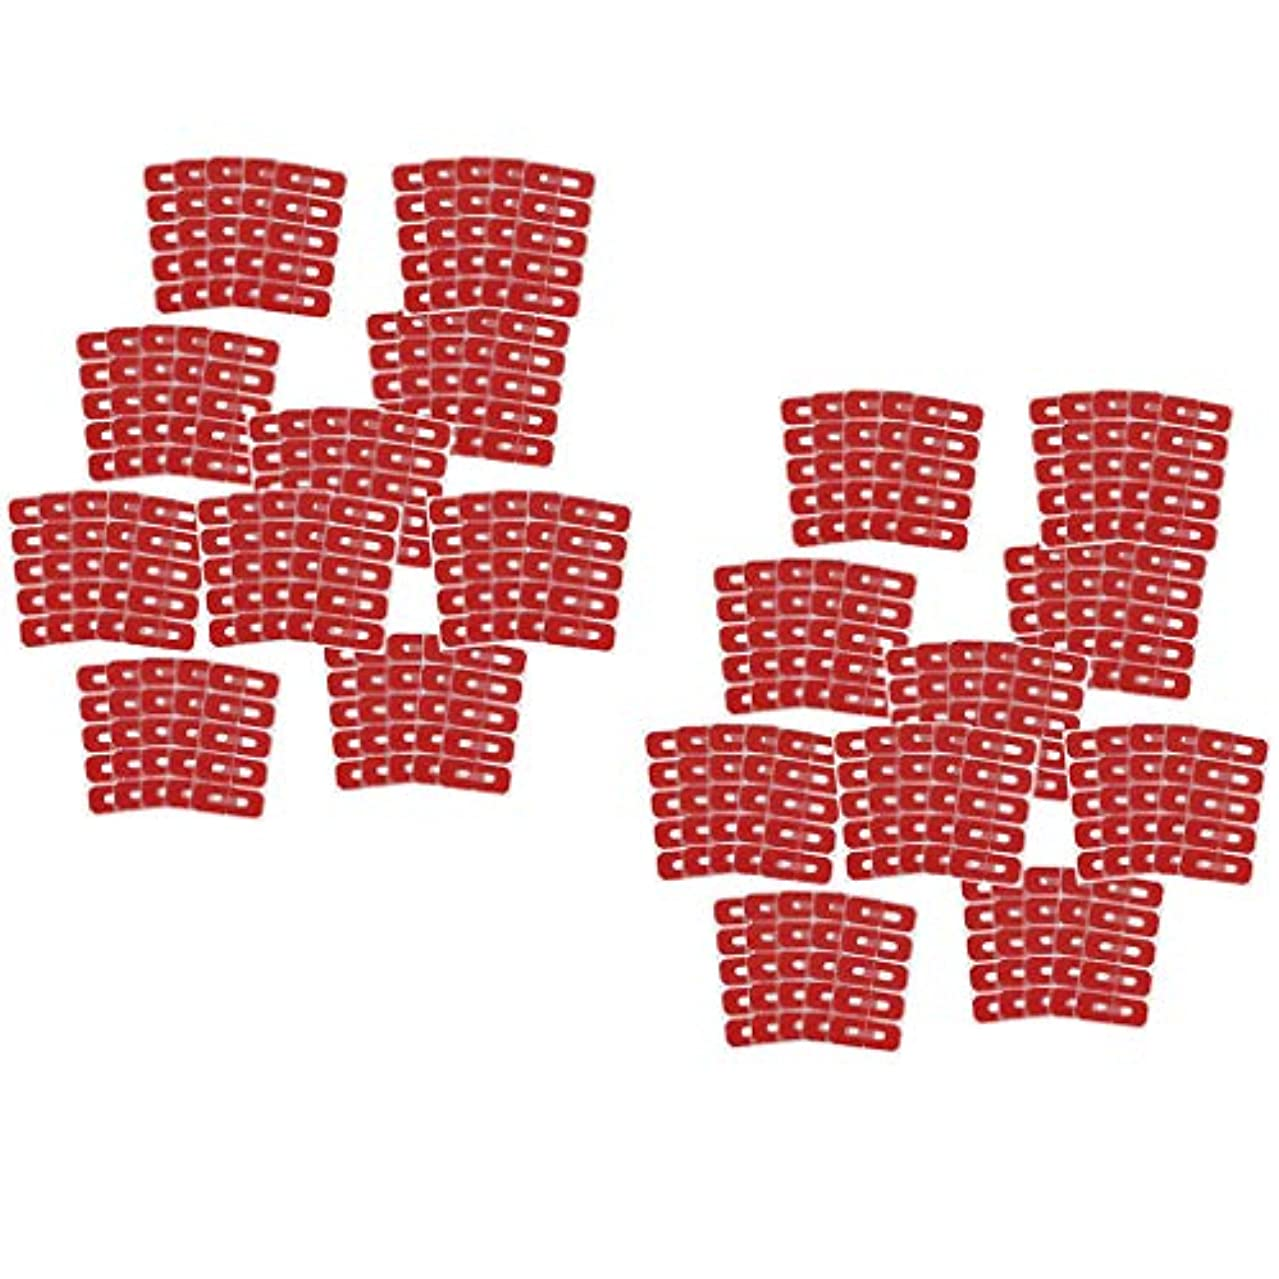 セメントユニークな不名誉なT TOOYFUL ネイルサロン こぼれ防止 ネイルプロテクター カバー 使い捨て ネイルポリッシュ ネイルアート